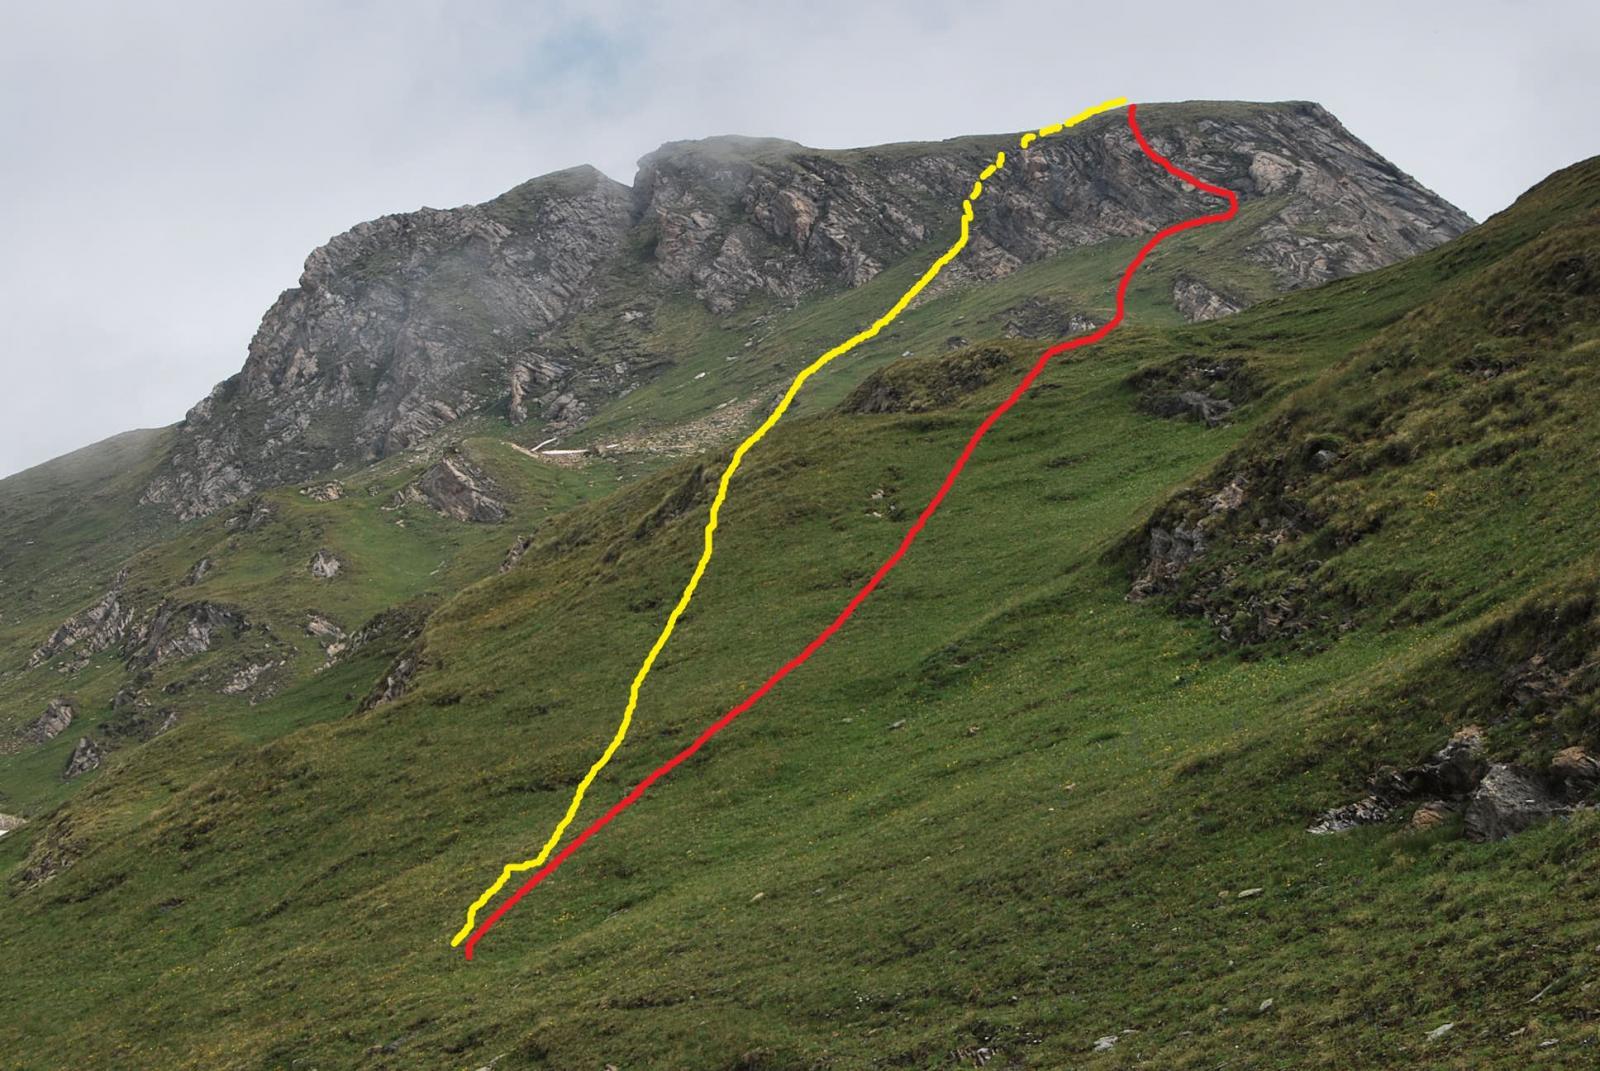 La via di salita (rosso) e discesa (giallo): a Frank non sono piaciute entrambe